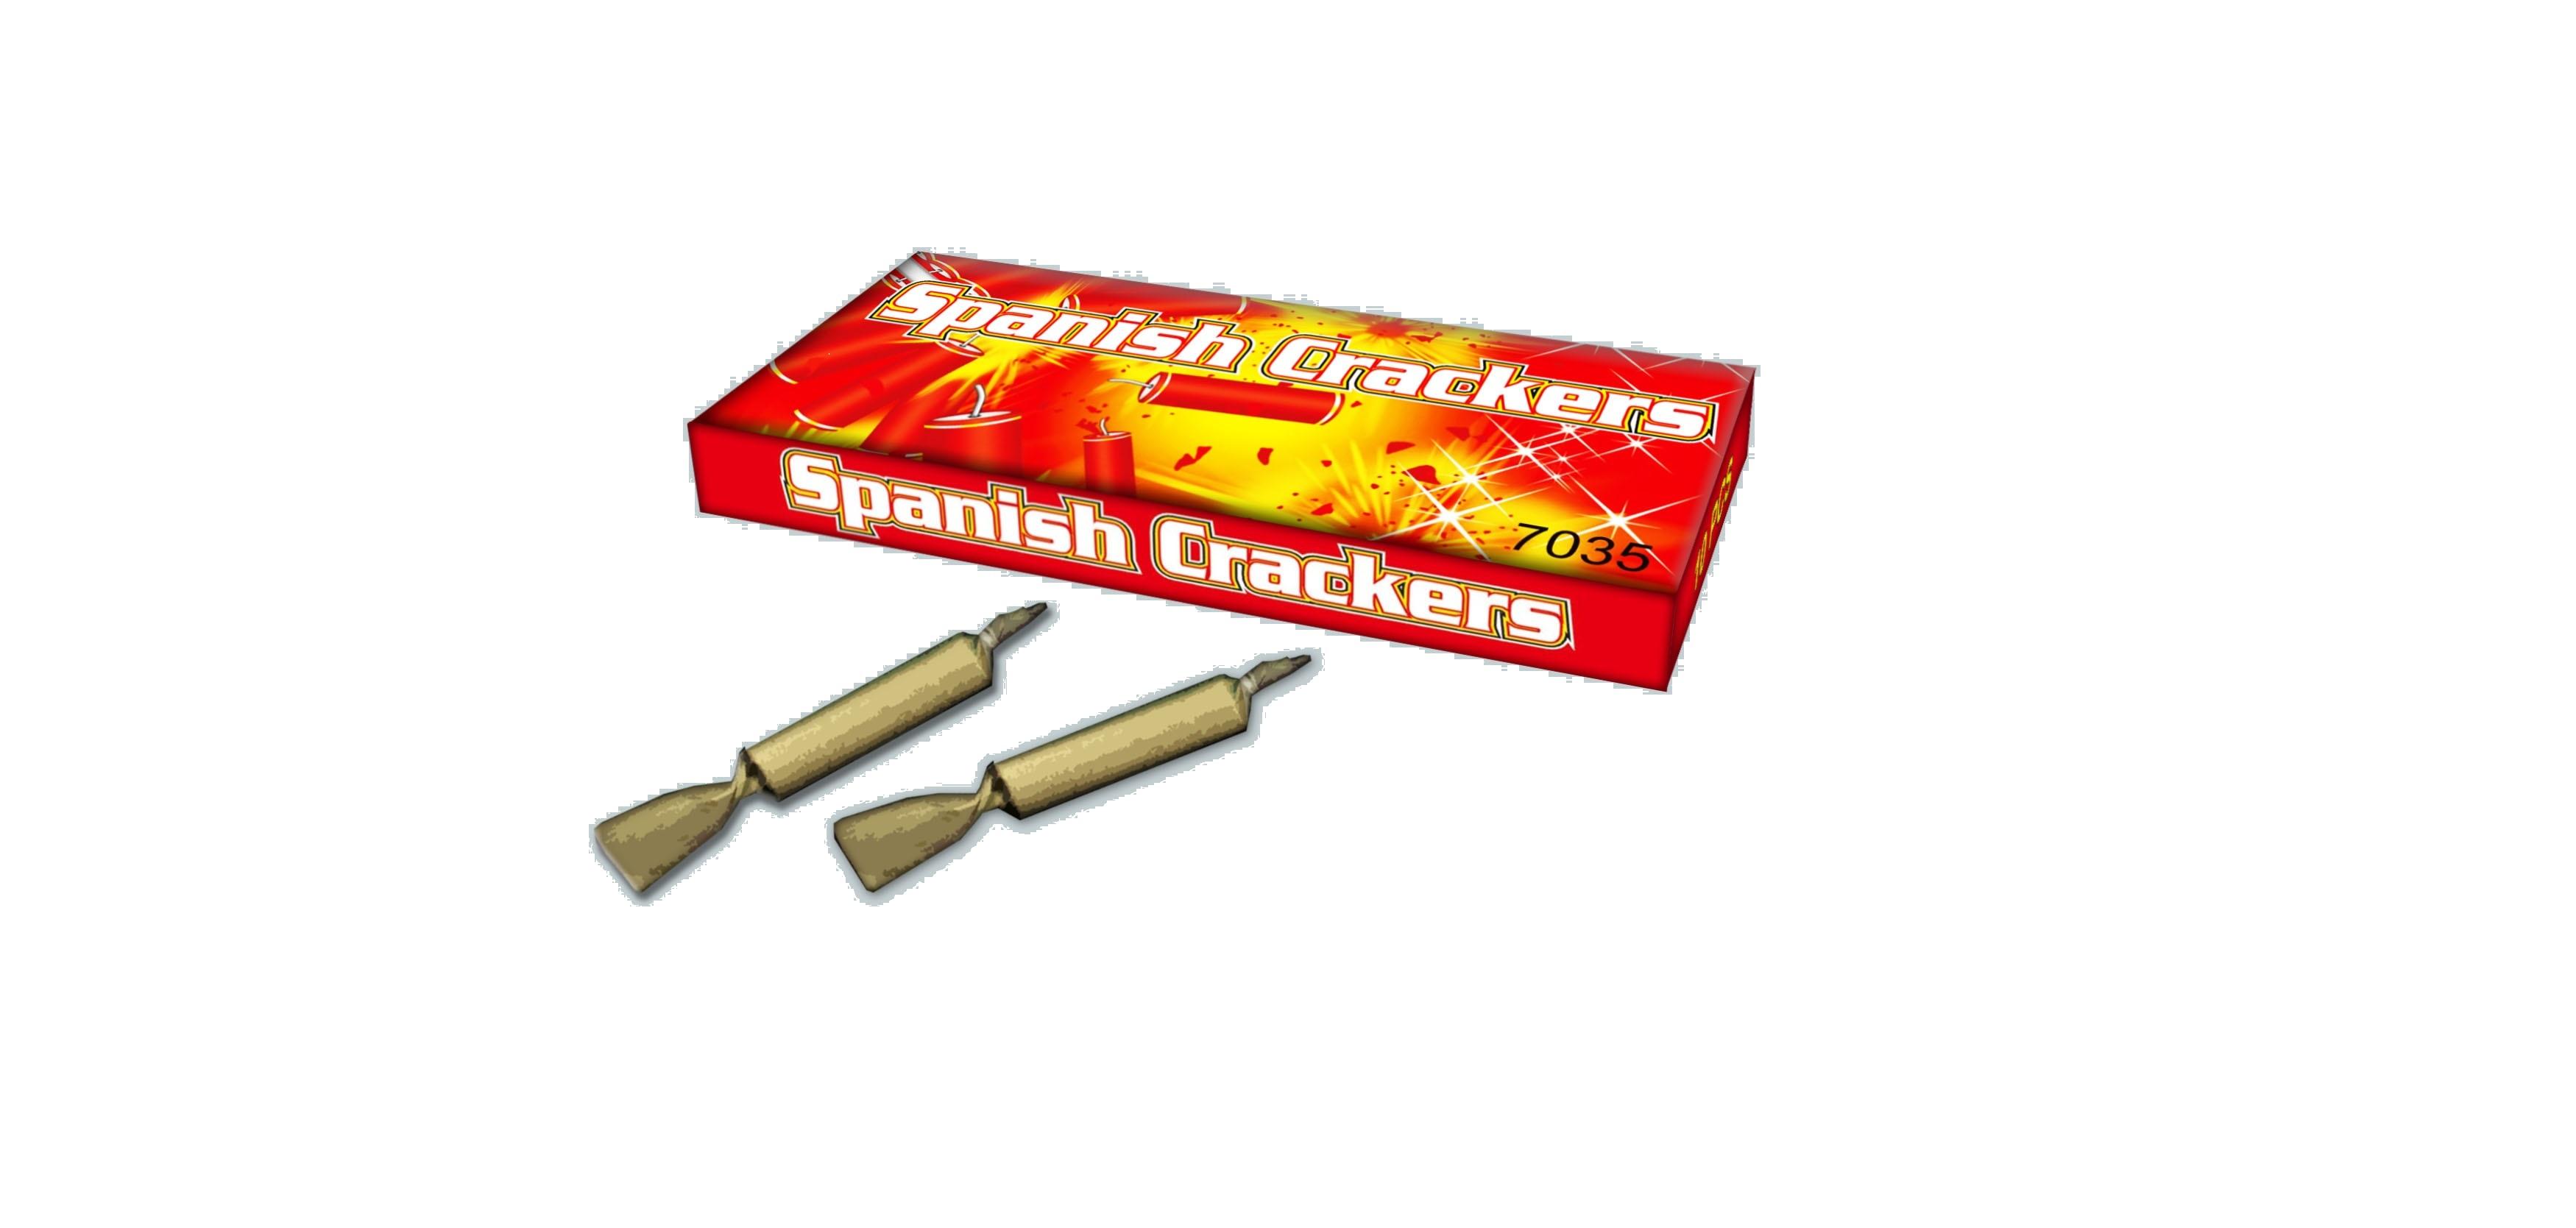 Spanish crackers